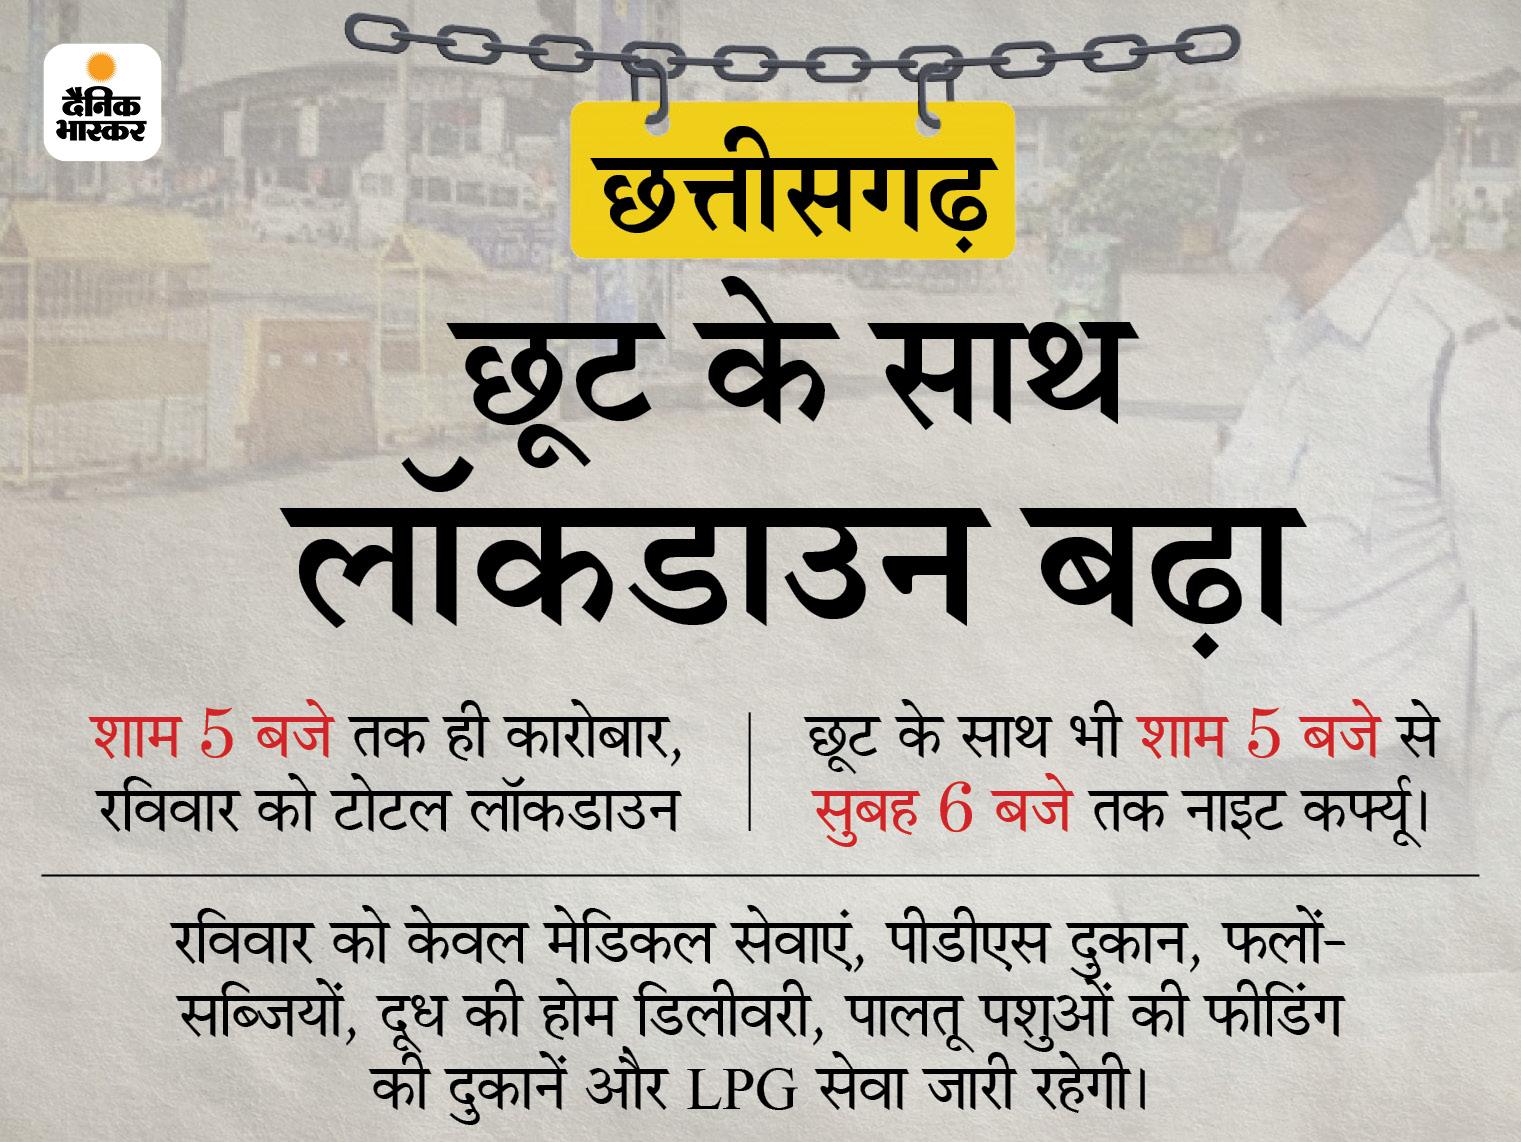 बाजारों में ऑड-ईवन फार्मूले पर खुल सकती हैं दुकानें, अनाज मंडी और ई-कॉमर्स सेवा को भी कारोबार की छूट होगी|रायपुर,Raipur - Dainik Bhaskar